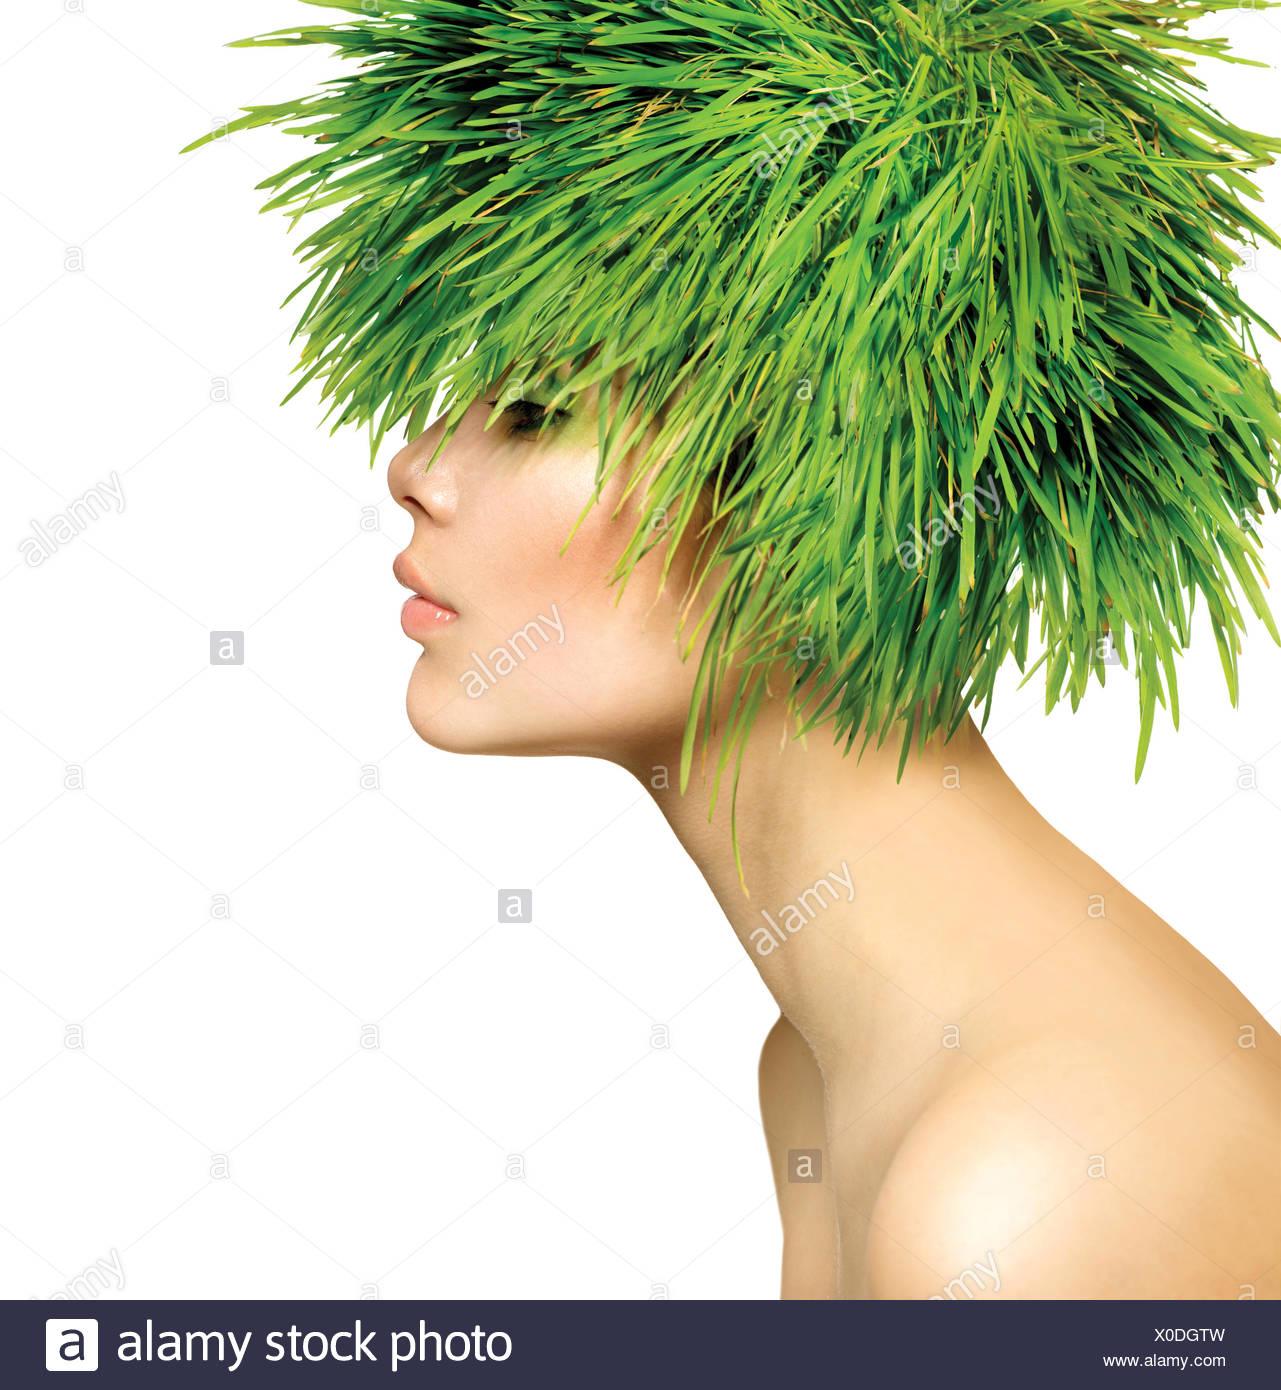 Beauté - Printemps Femme aux cheveux d'herbe verte fraîche Photo Stock